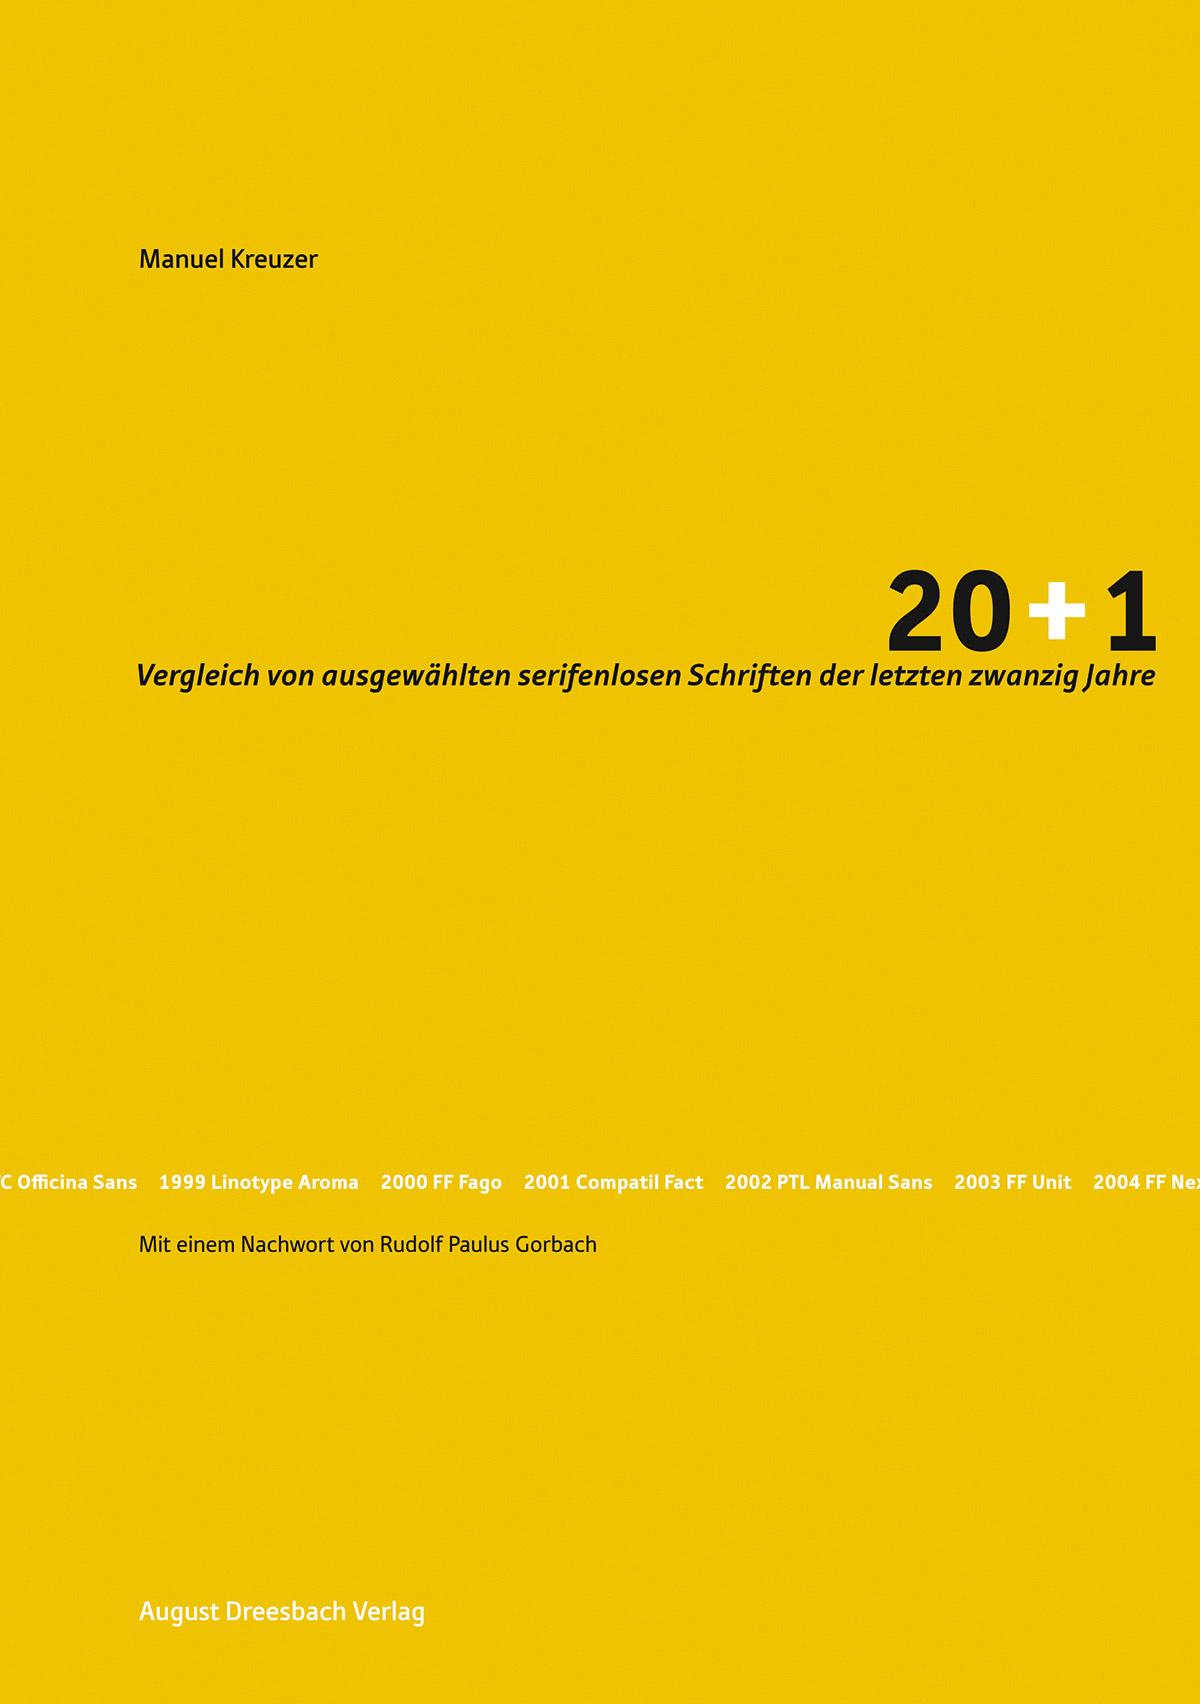 20+1. Ein Vergleich von ausgewählten serifenlosen Schriften der letzten zwanzig Jahre.